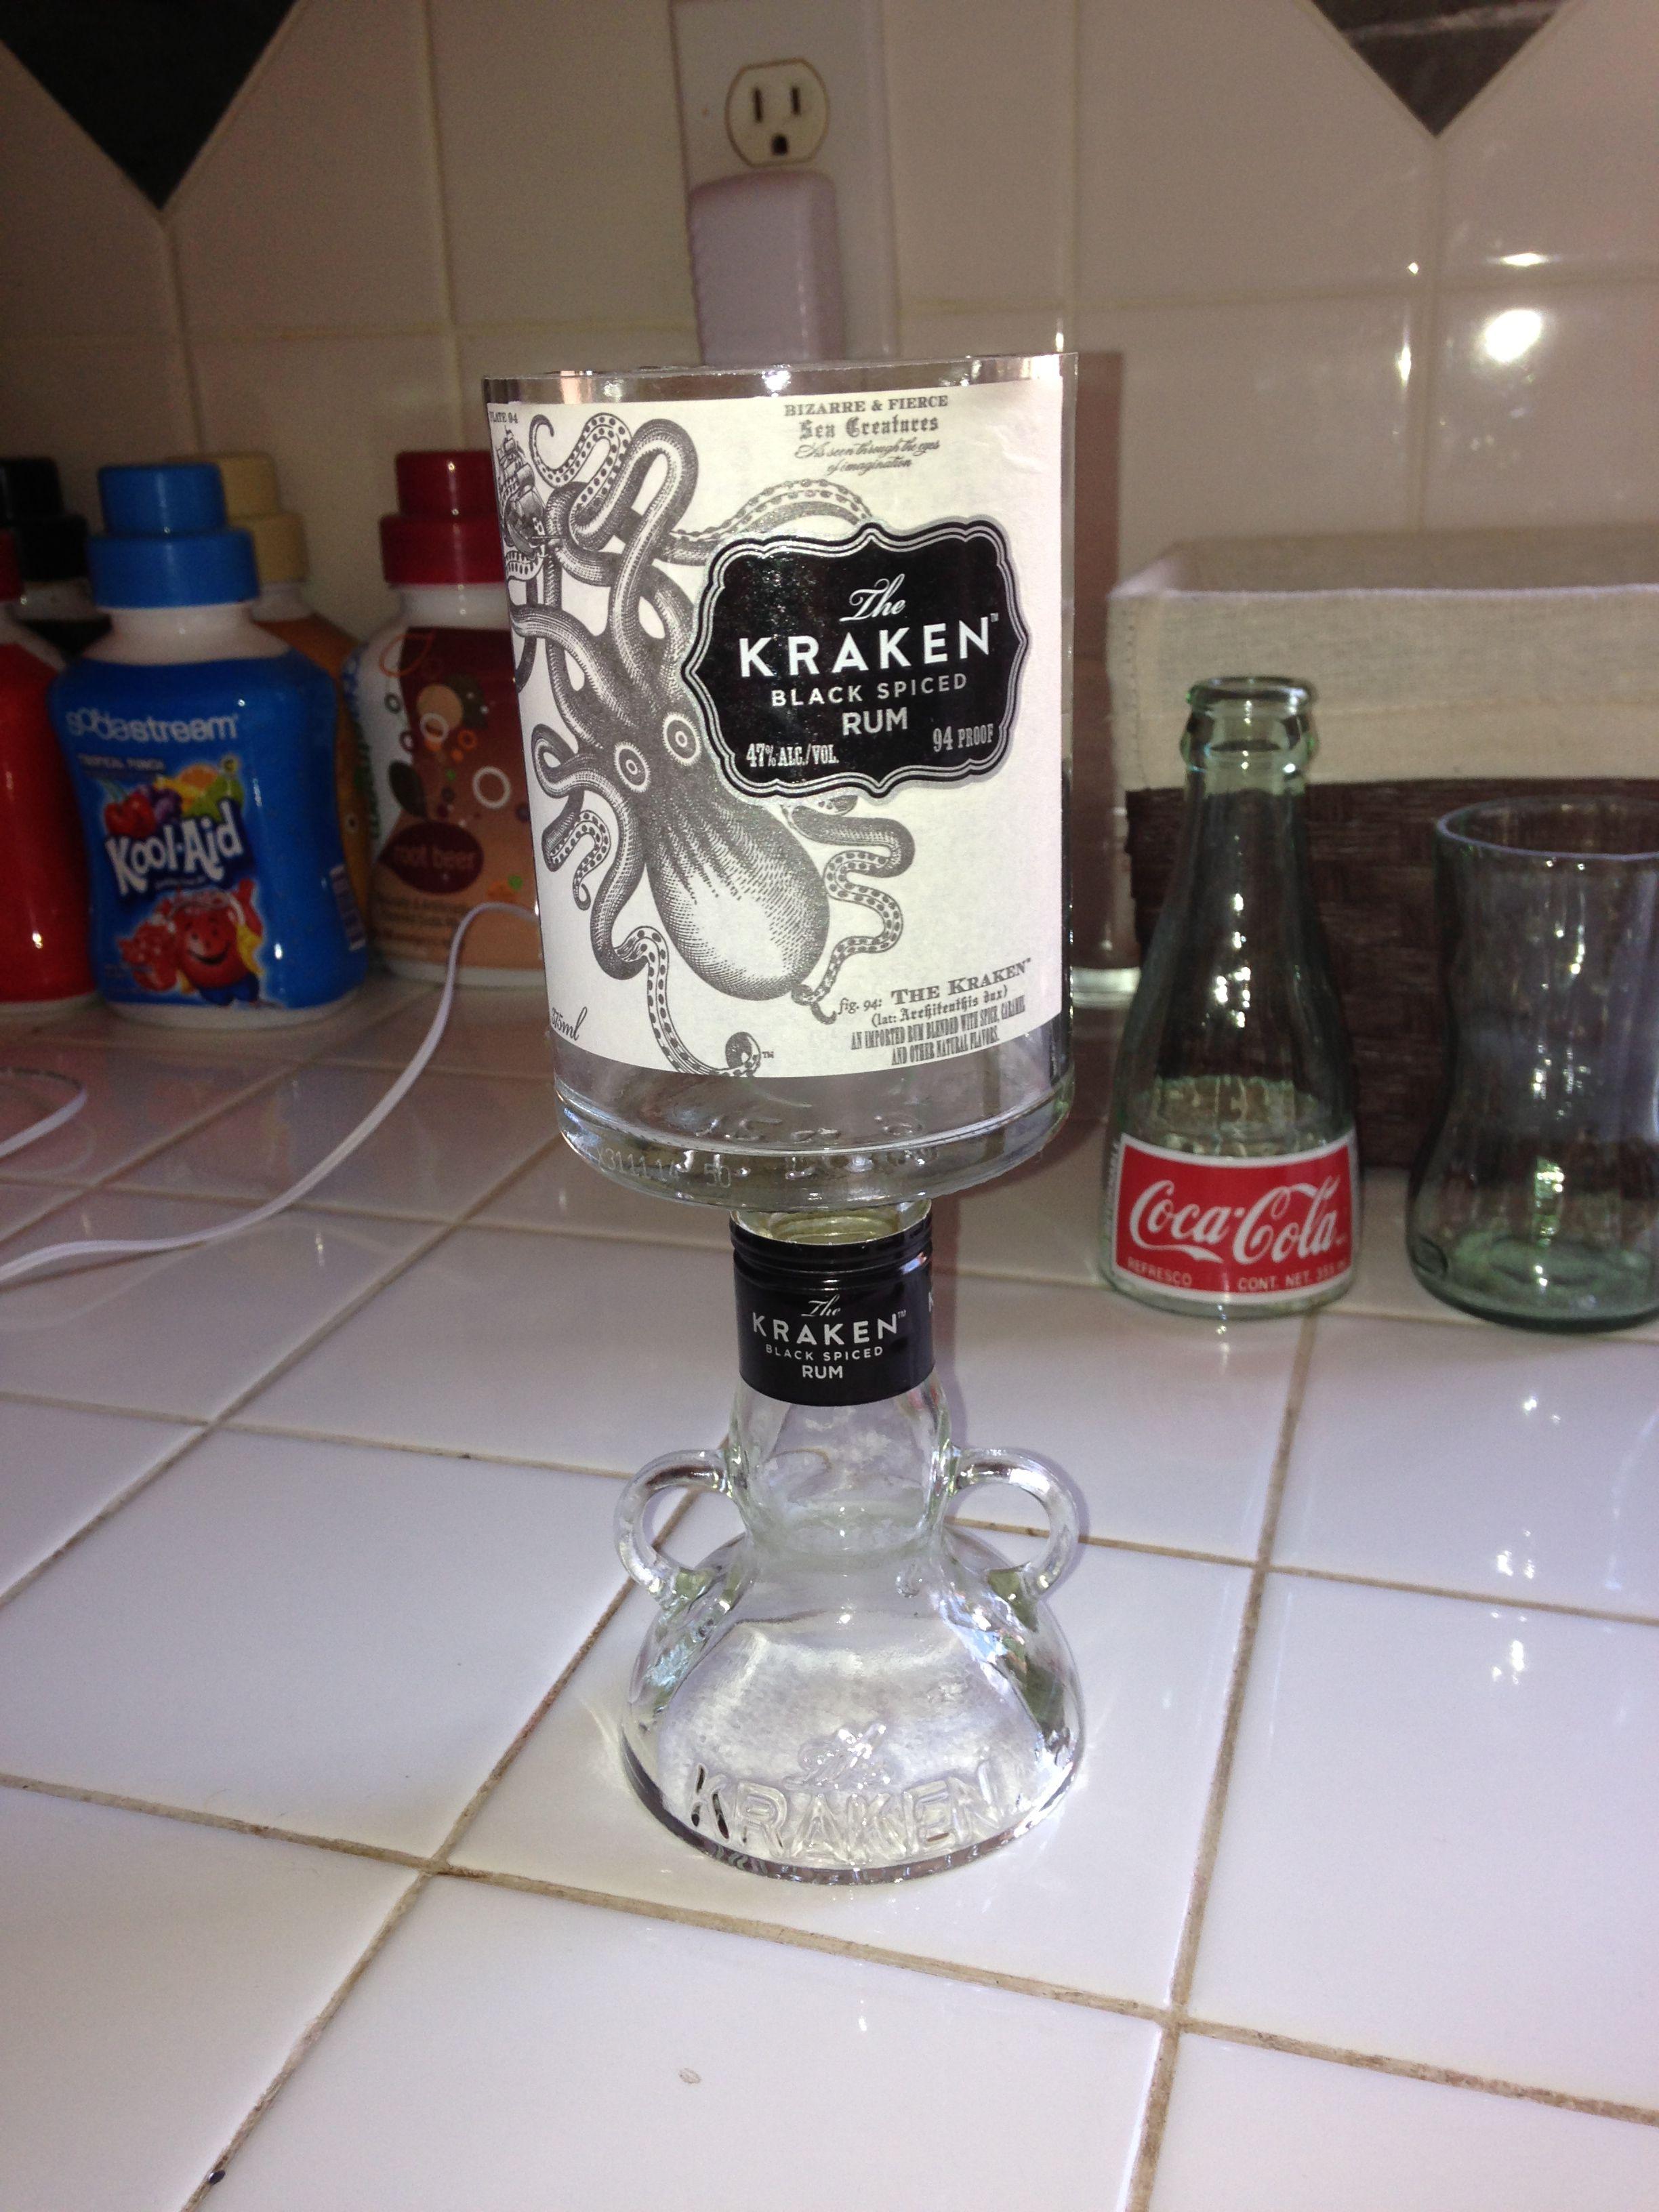 Kraken liquor bottle wine glass project ideas pinterest for Glass bottle project ideas